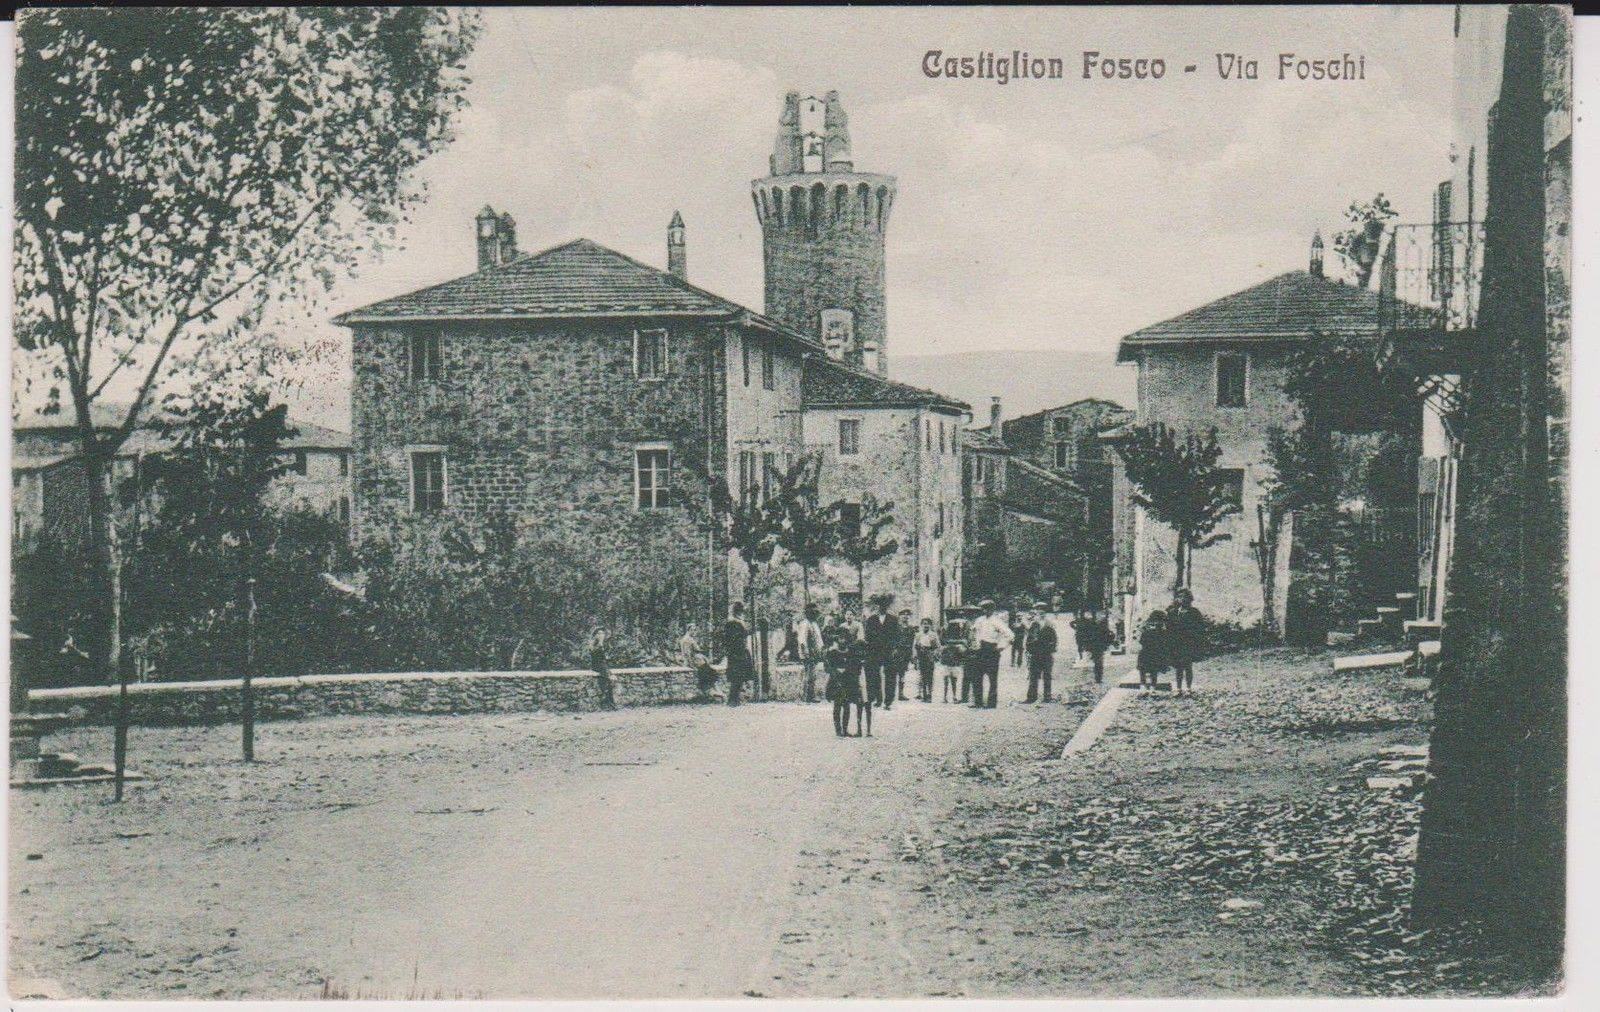 Castiglion Fosco